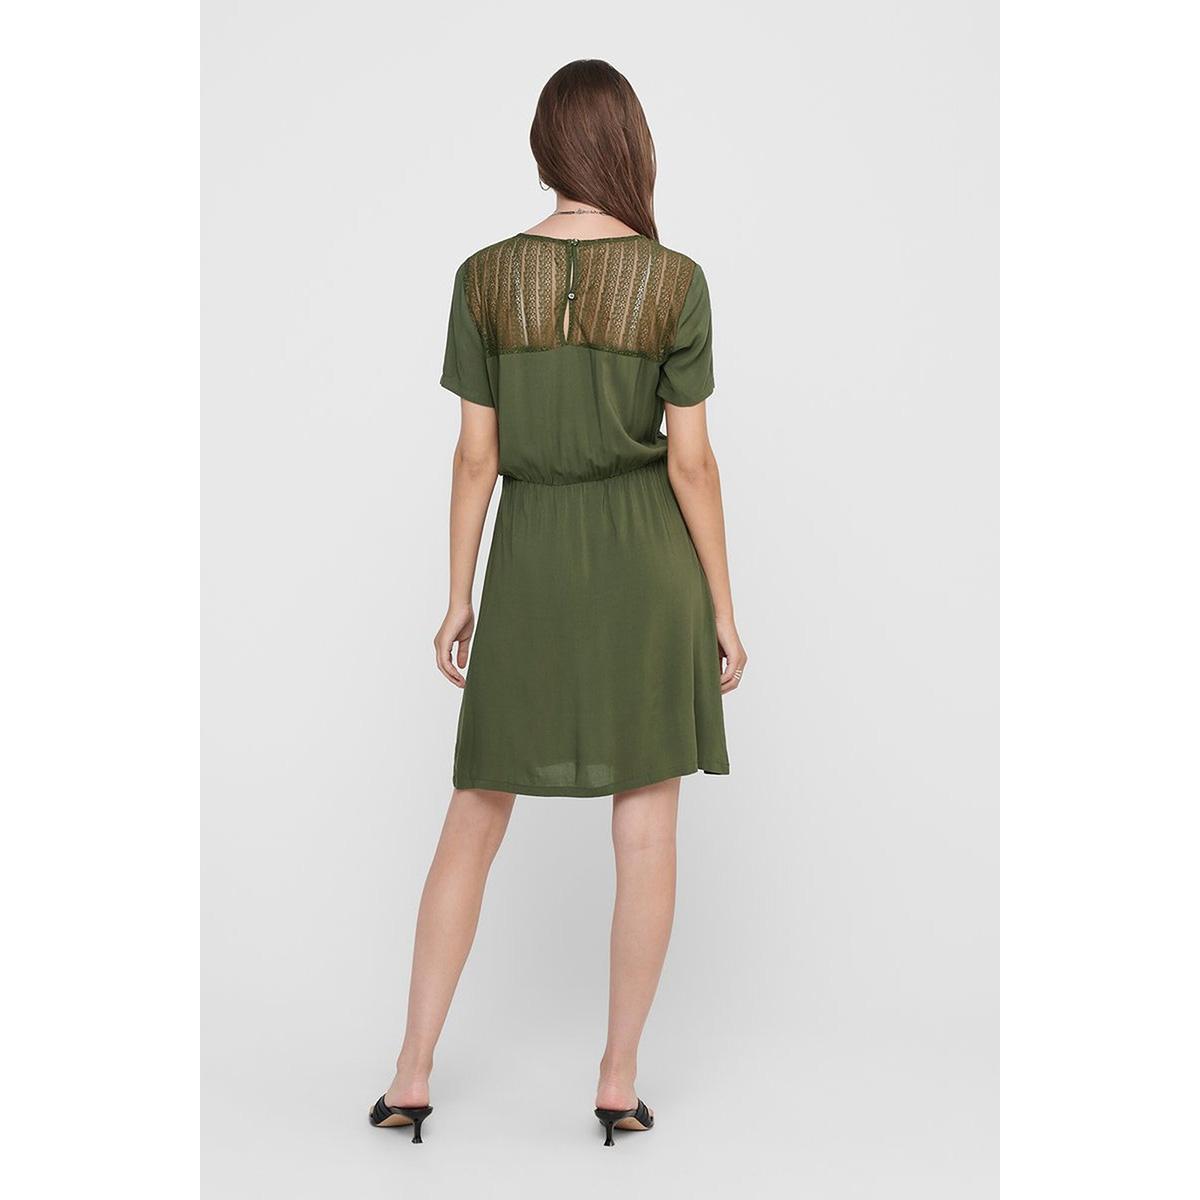 jdysummer s/s lace dress wvn 15194639 jacqueline de yong jurk kalamata